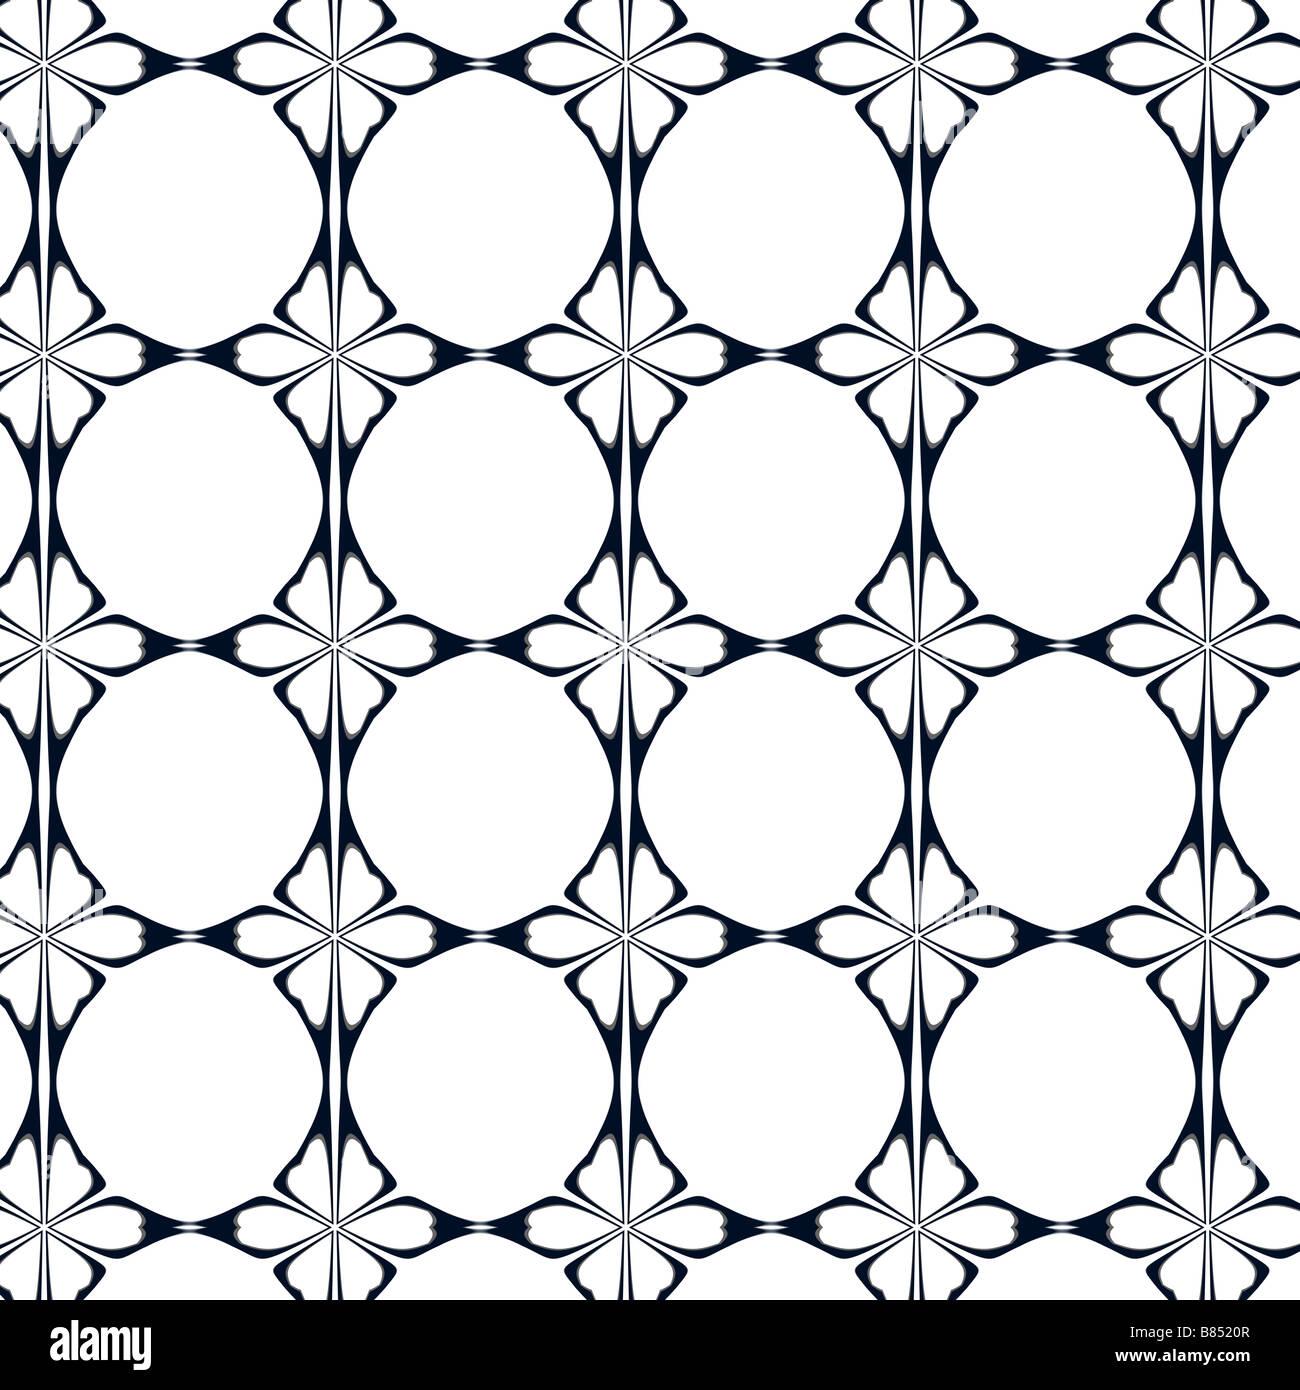 Noir Blanc Et Gris Motif Papier Peint Art Nouveau Banque D Images